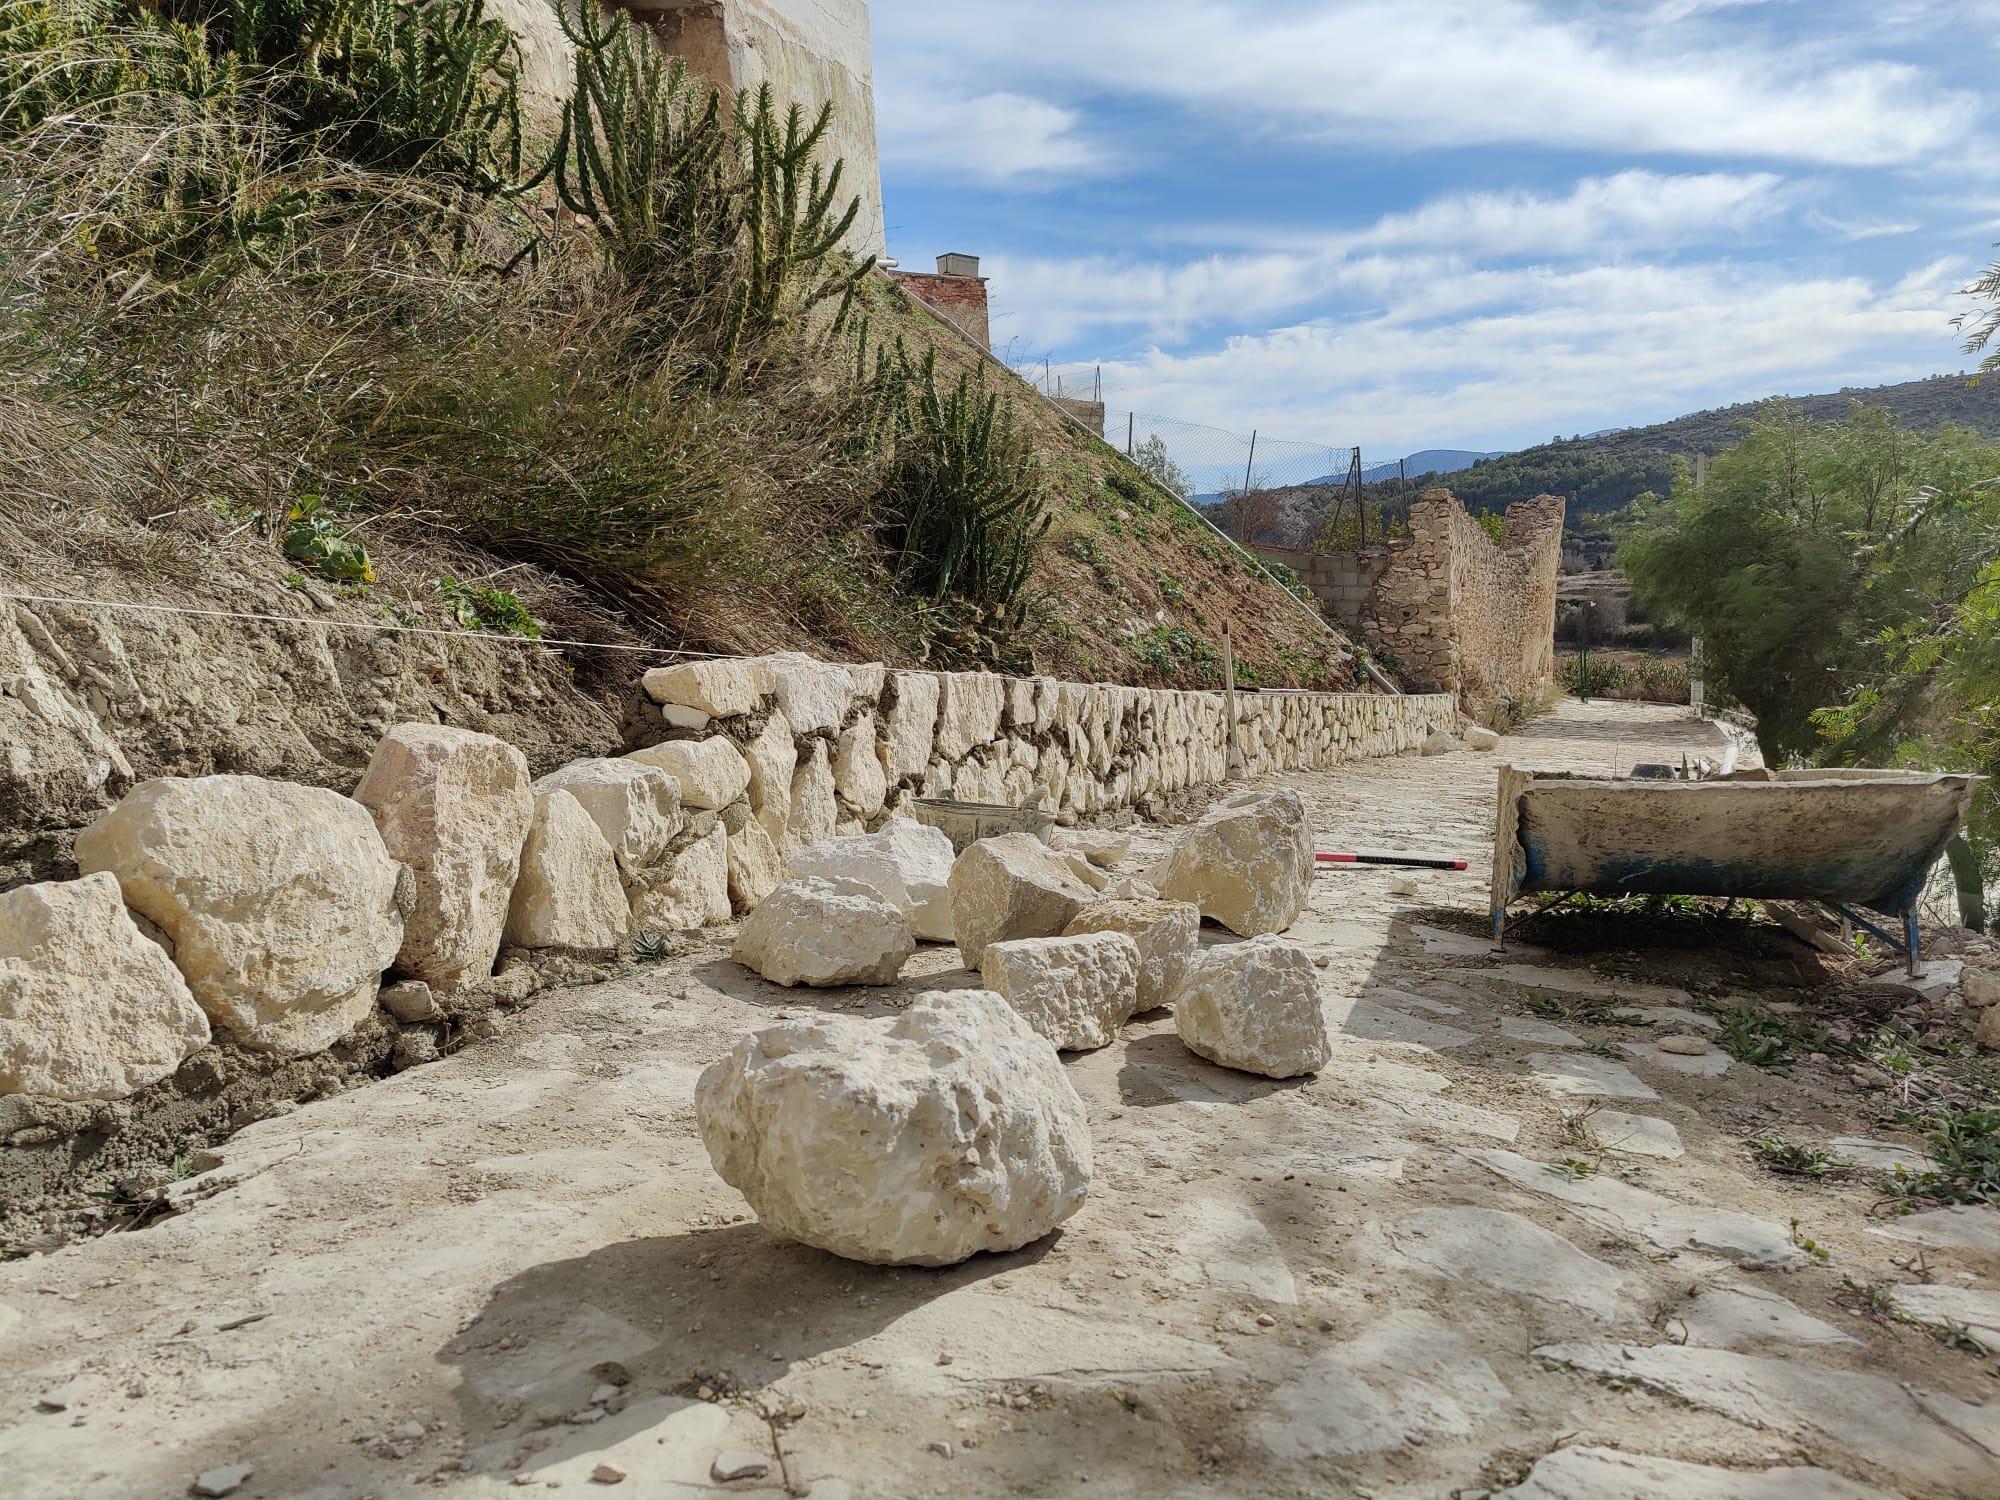 L'Ajuntament enceta noves obres de millora a la zona de la Barceloneta